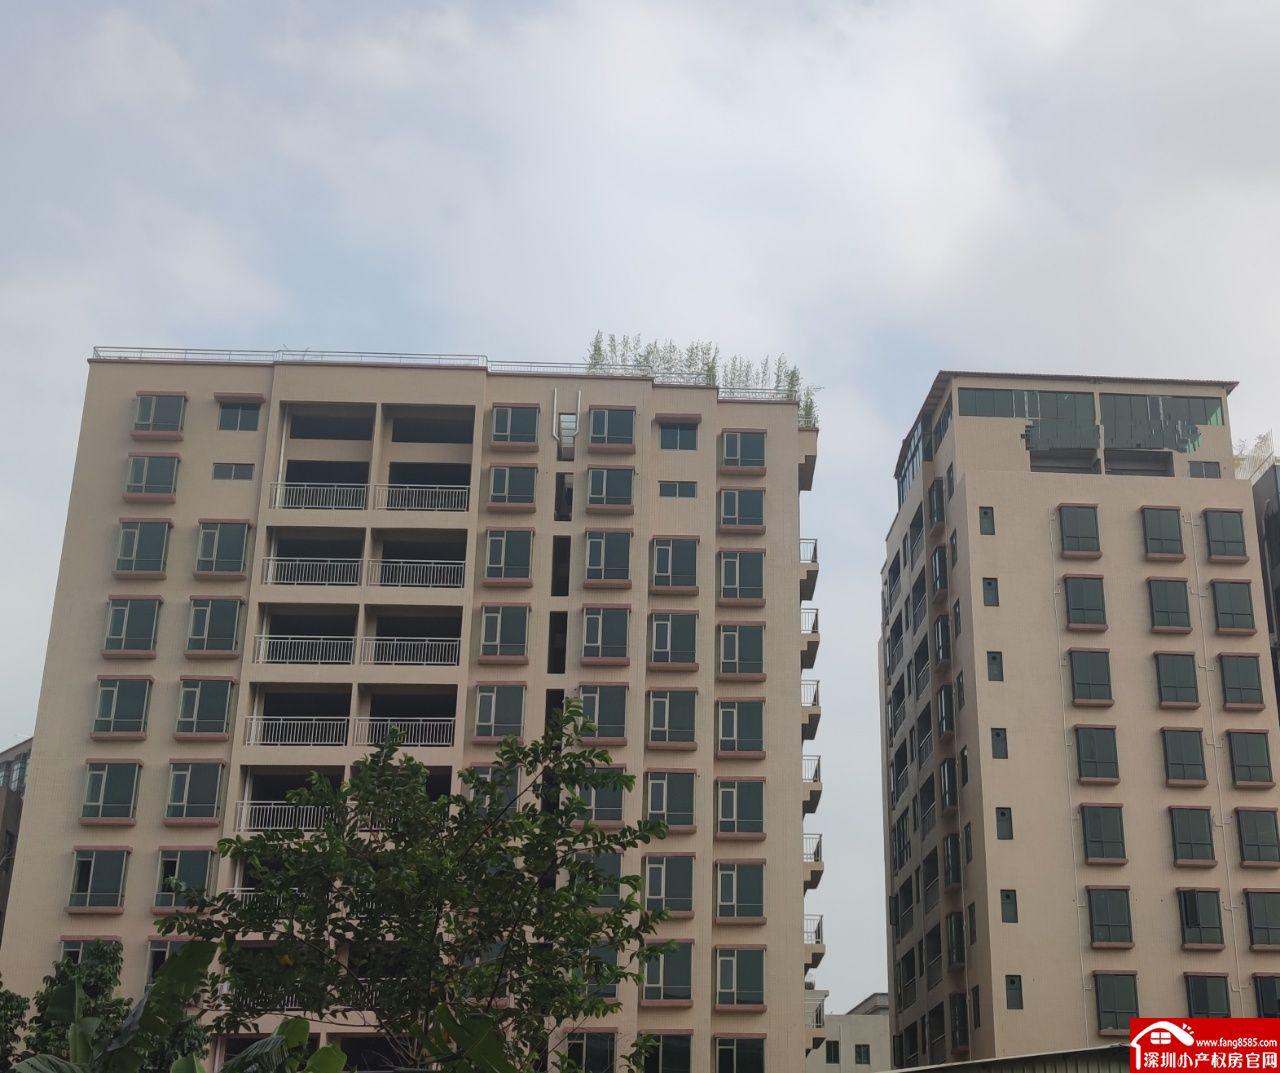 虎门小产权房统建楼【河畔花园】路东3栋封闭式小区